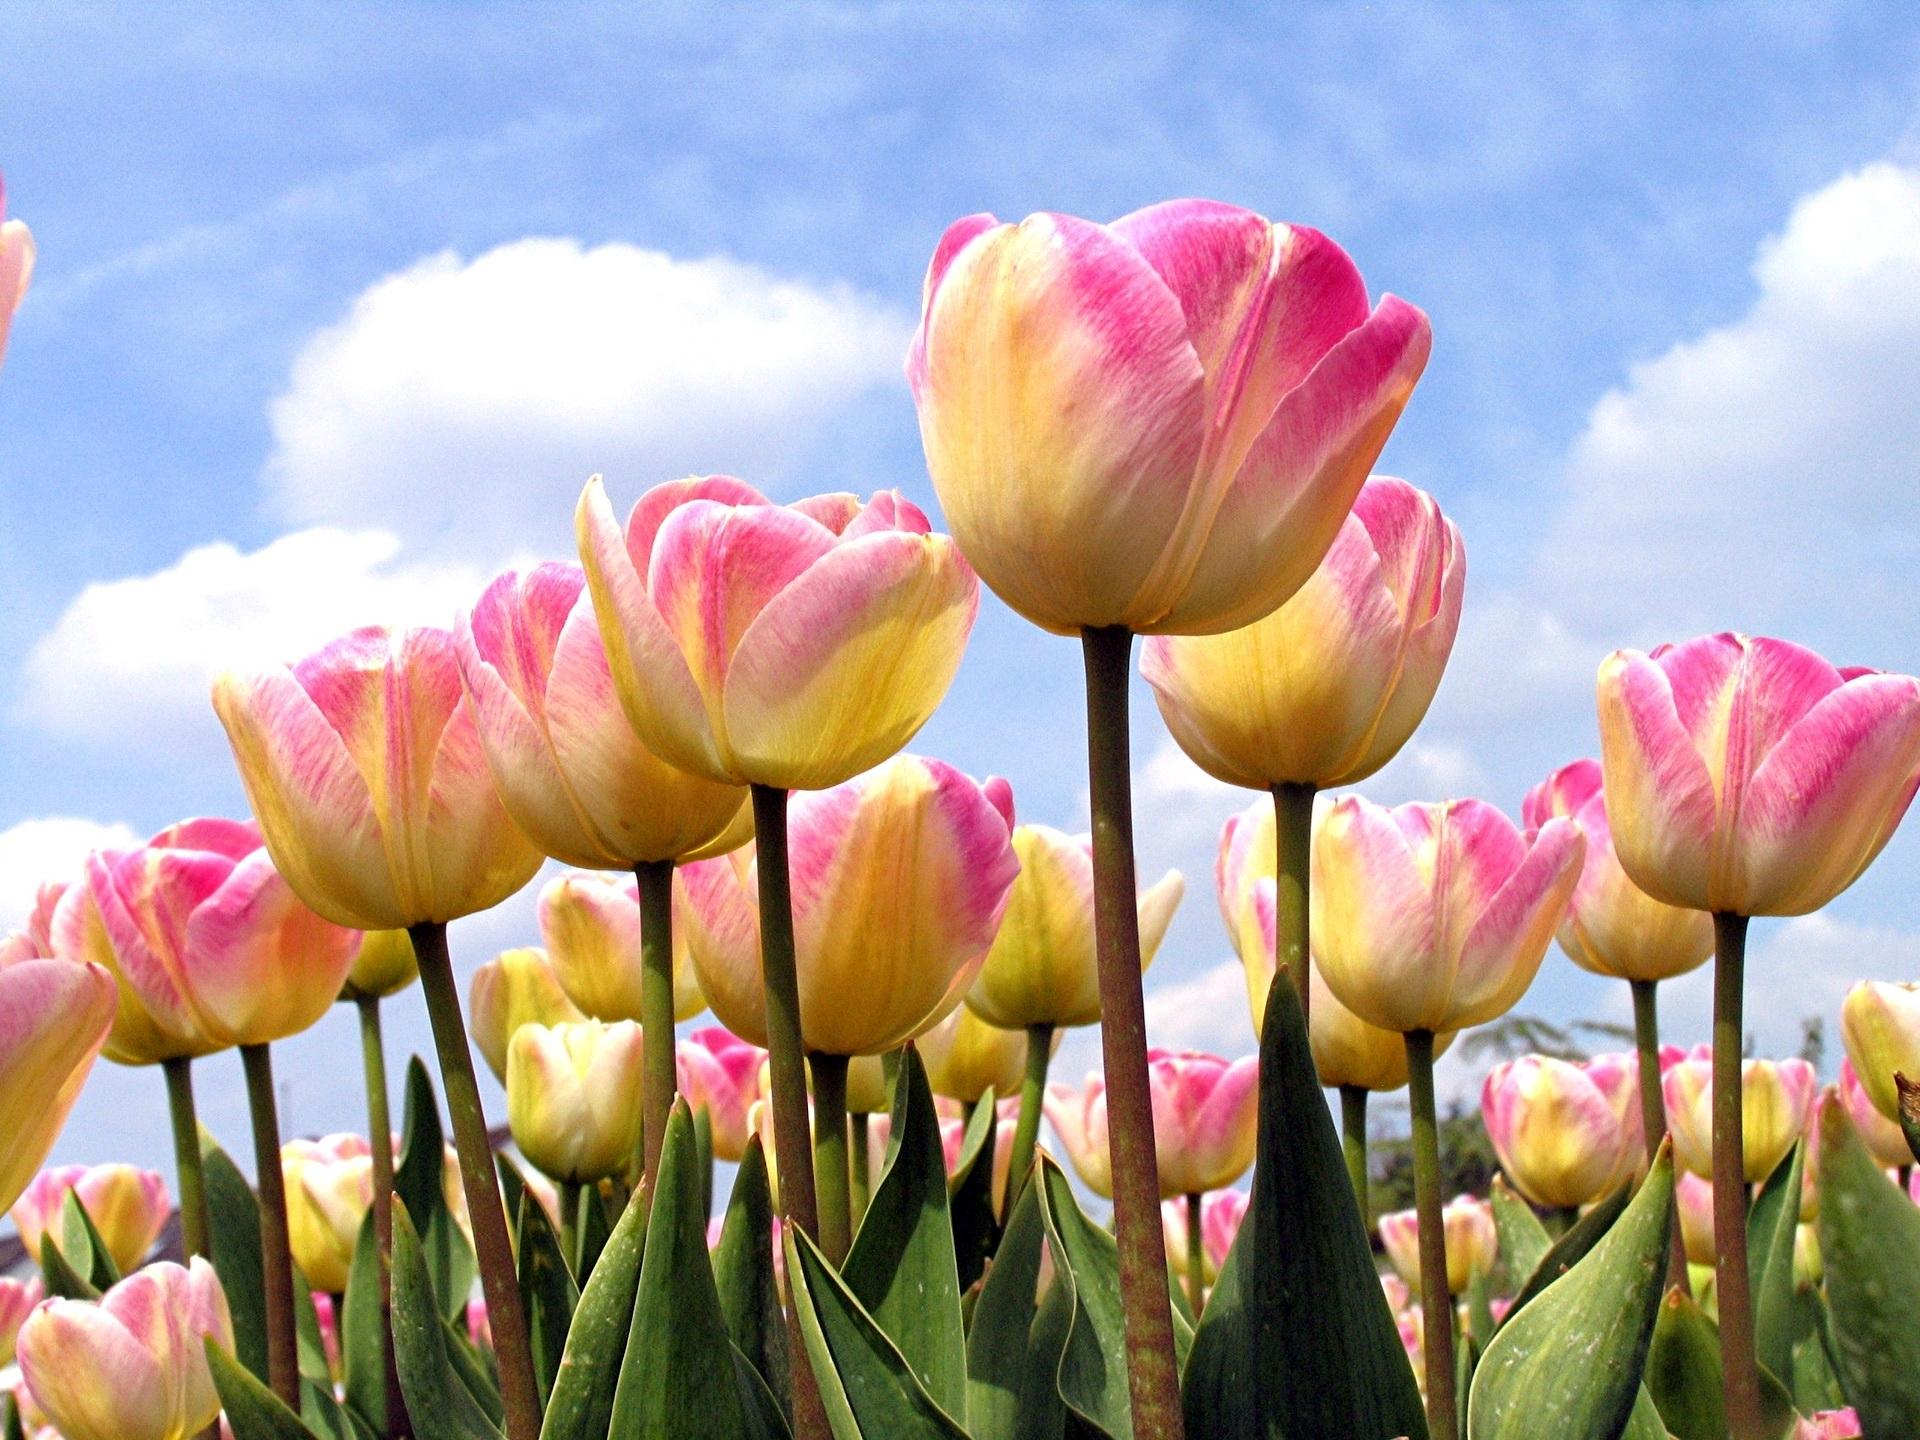 154147 скачать обои Цветы, Распущенные, Небо, Облака, Весна, Тюльпаны - заставки и картинки бесплатно